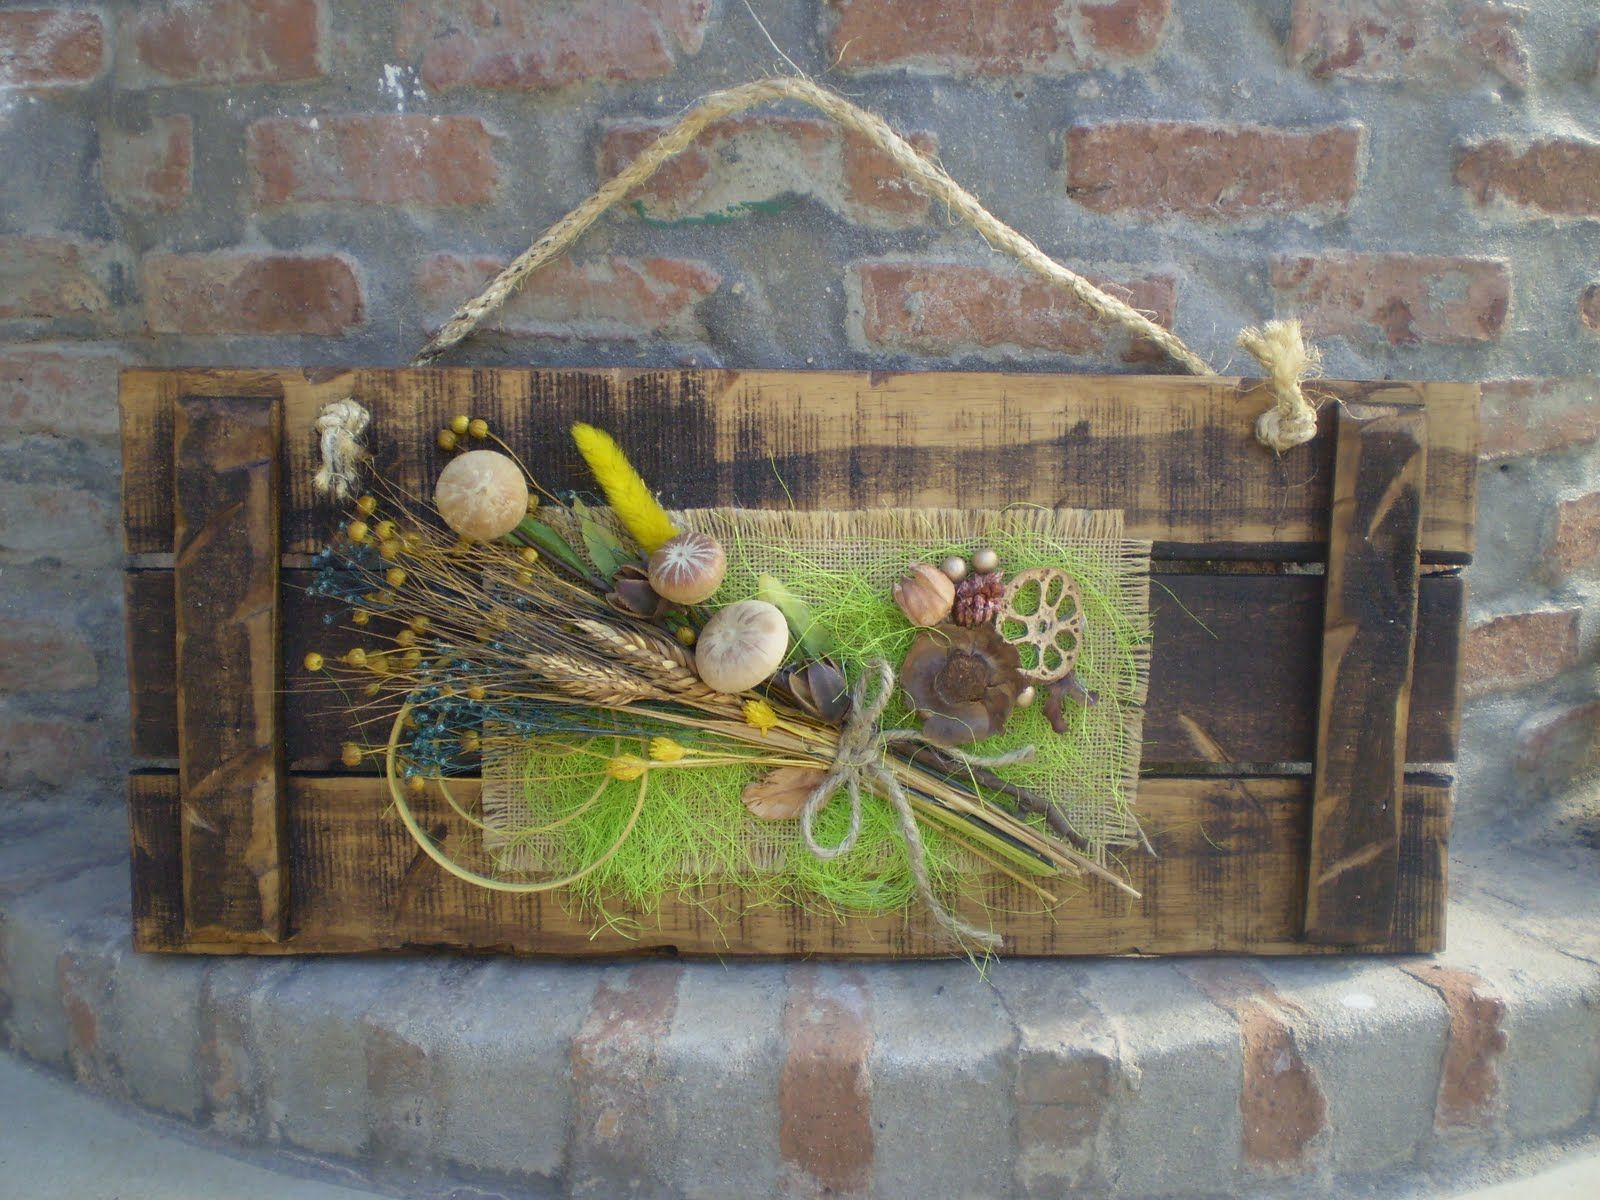 Cuadros rusticos con tela de saco y madera buscar con - Cuadros con tela de saco ...